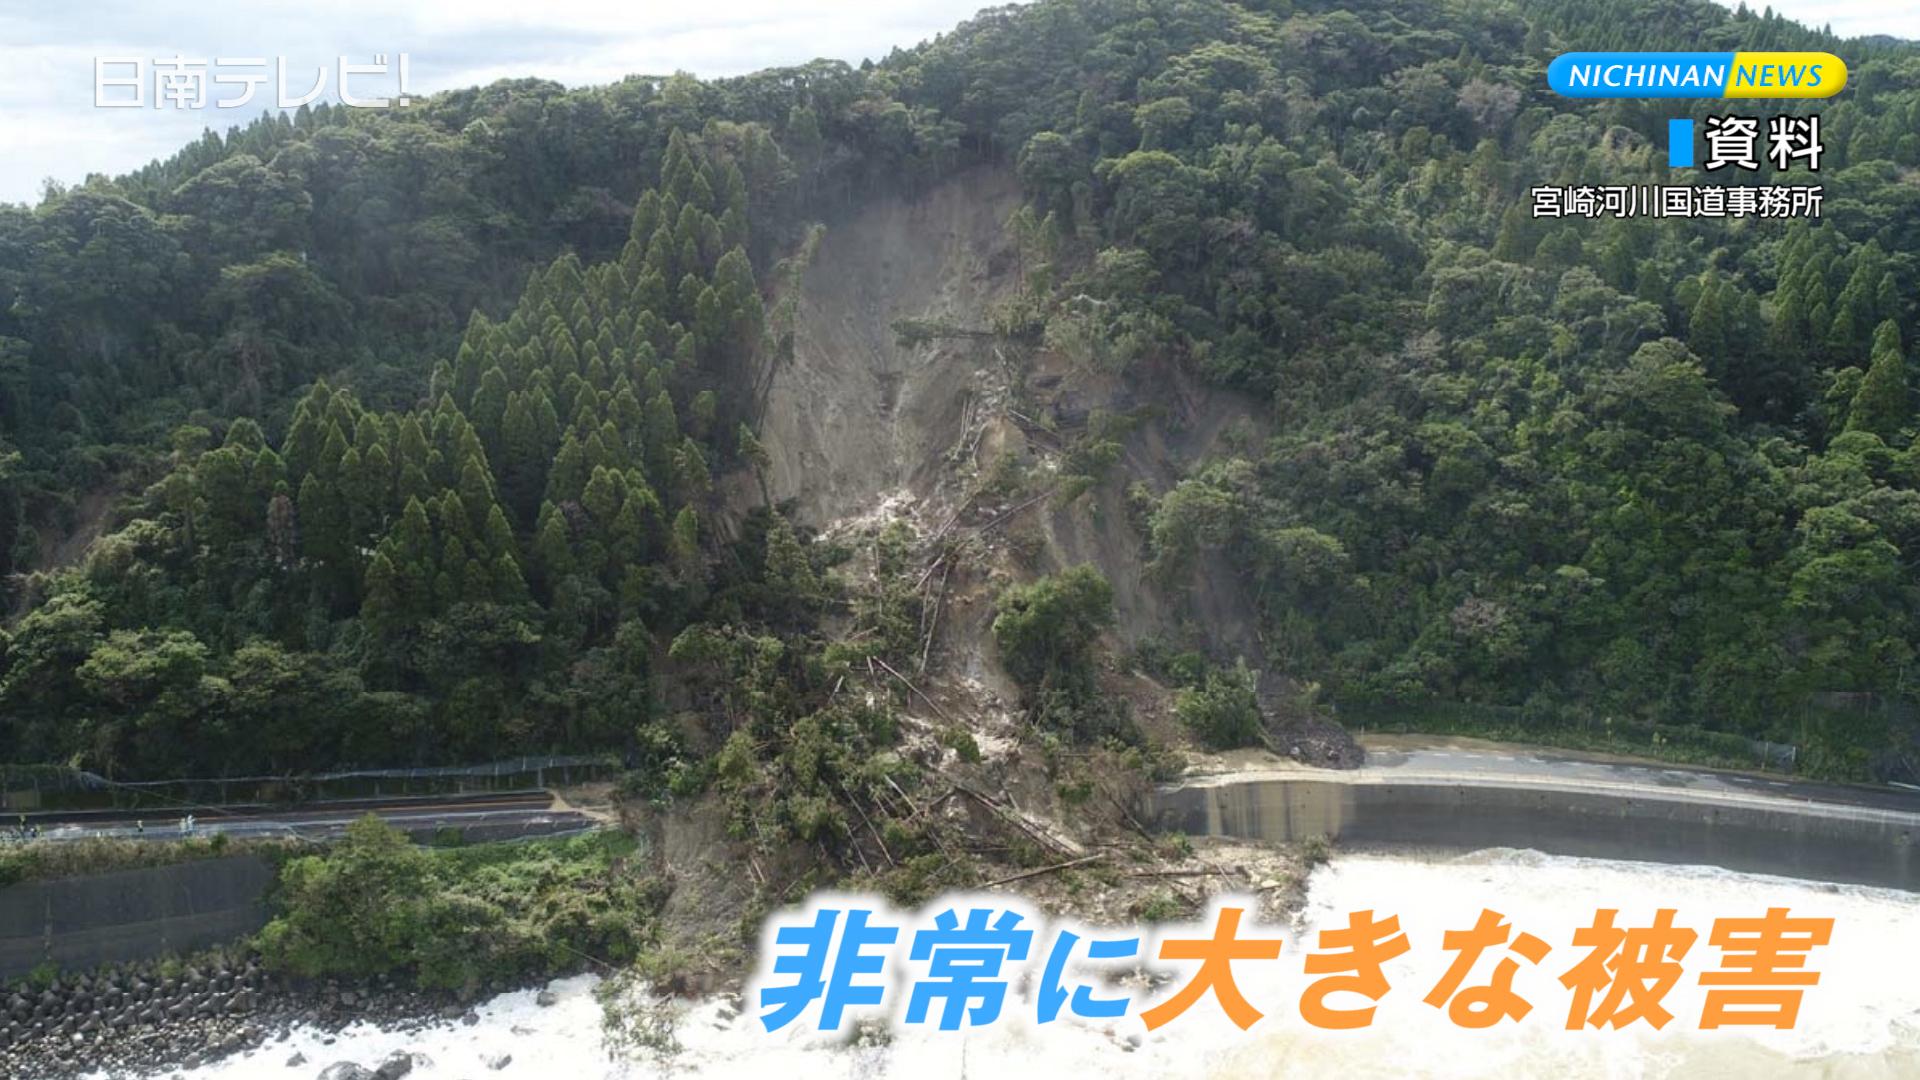 台風22号 大雨・土砂被害報告と対応